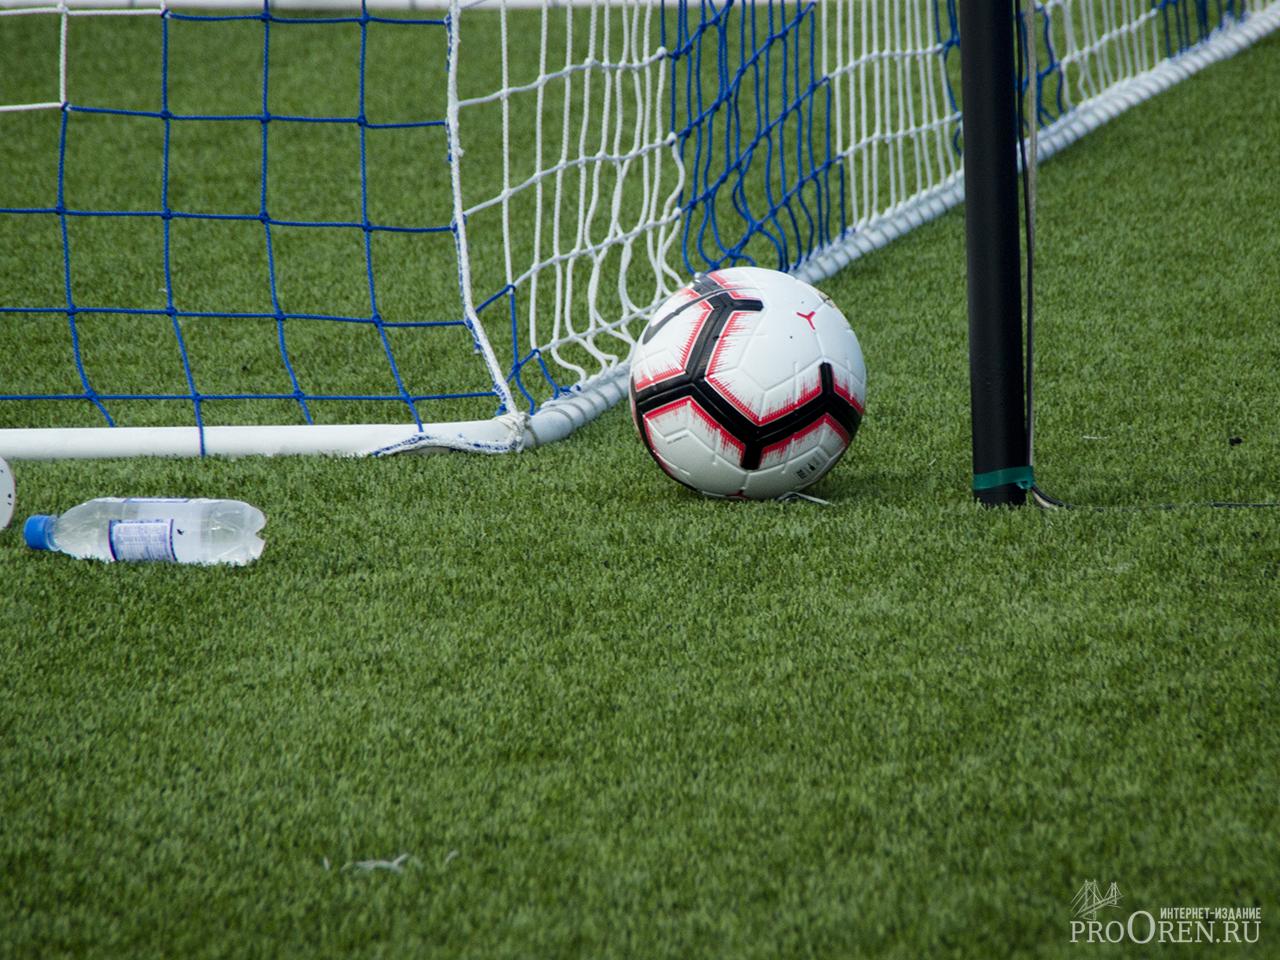 Футбольный клуб «Оренбург» проведет сборы в Австрии